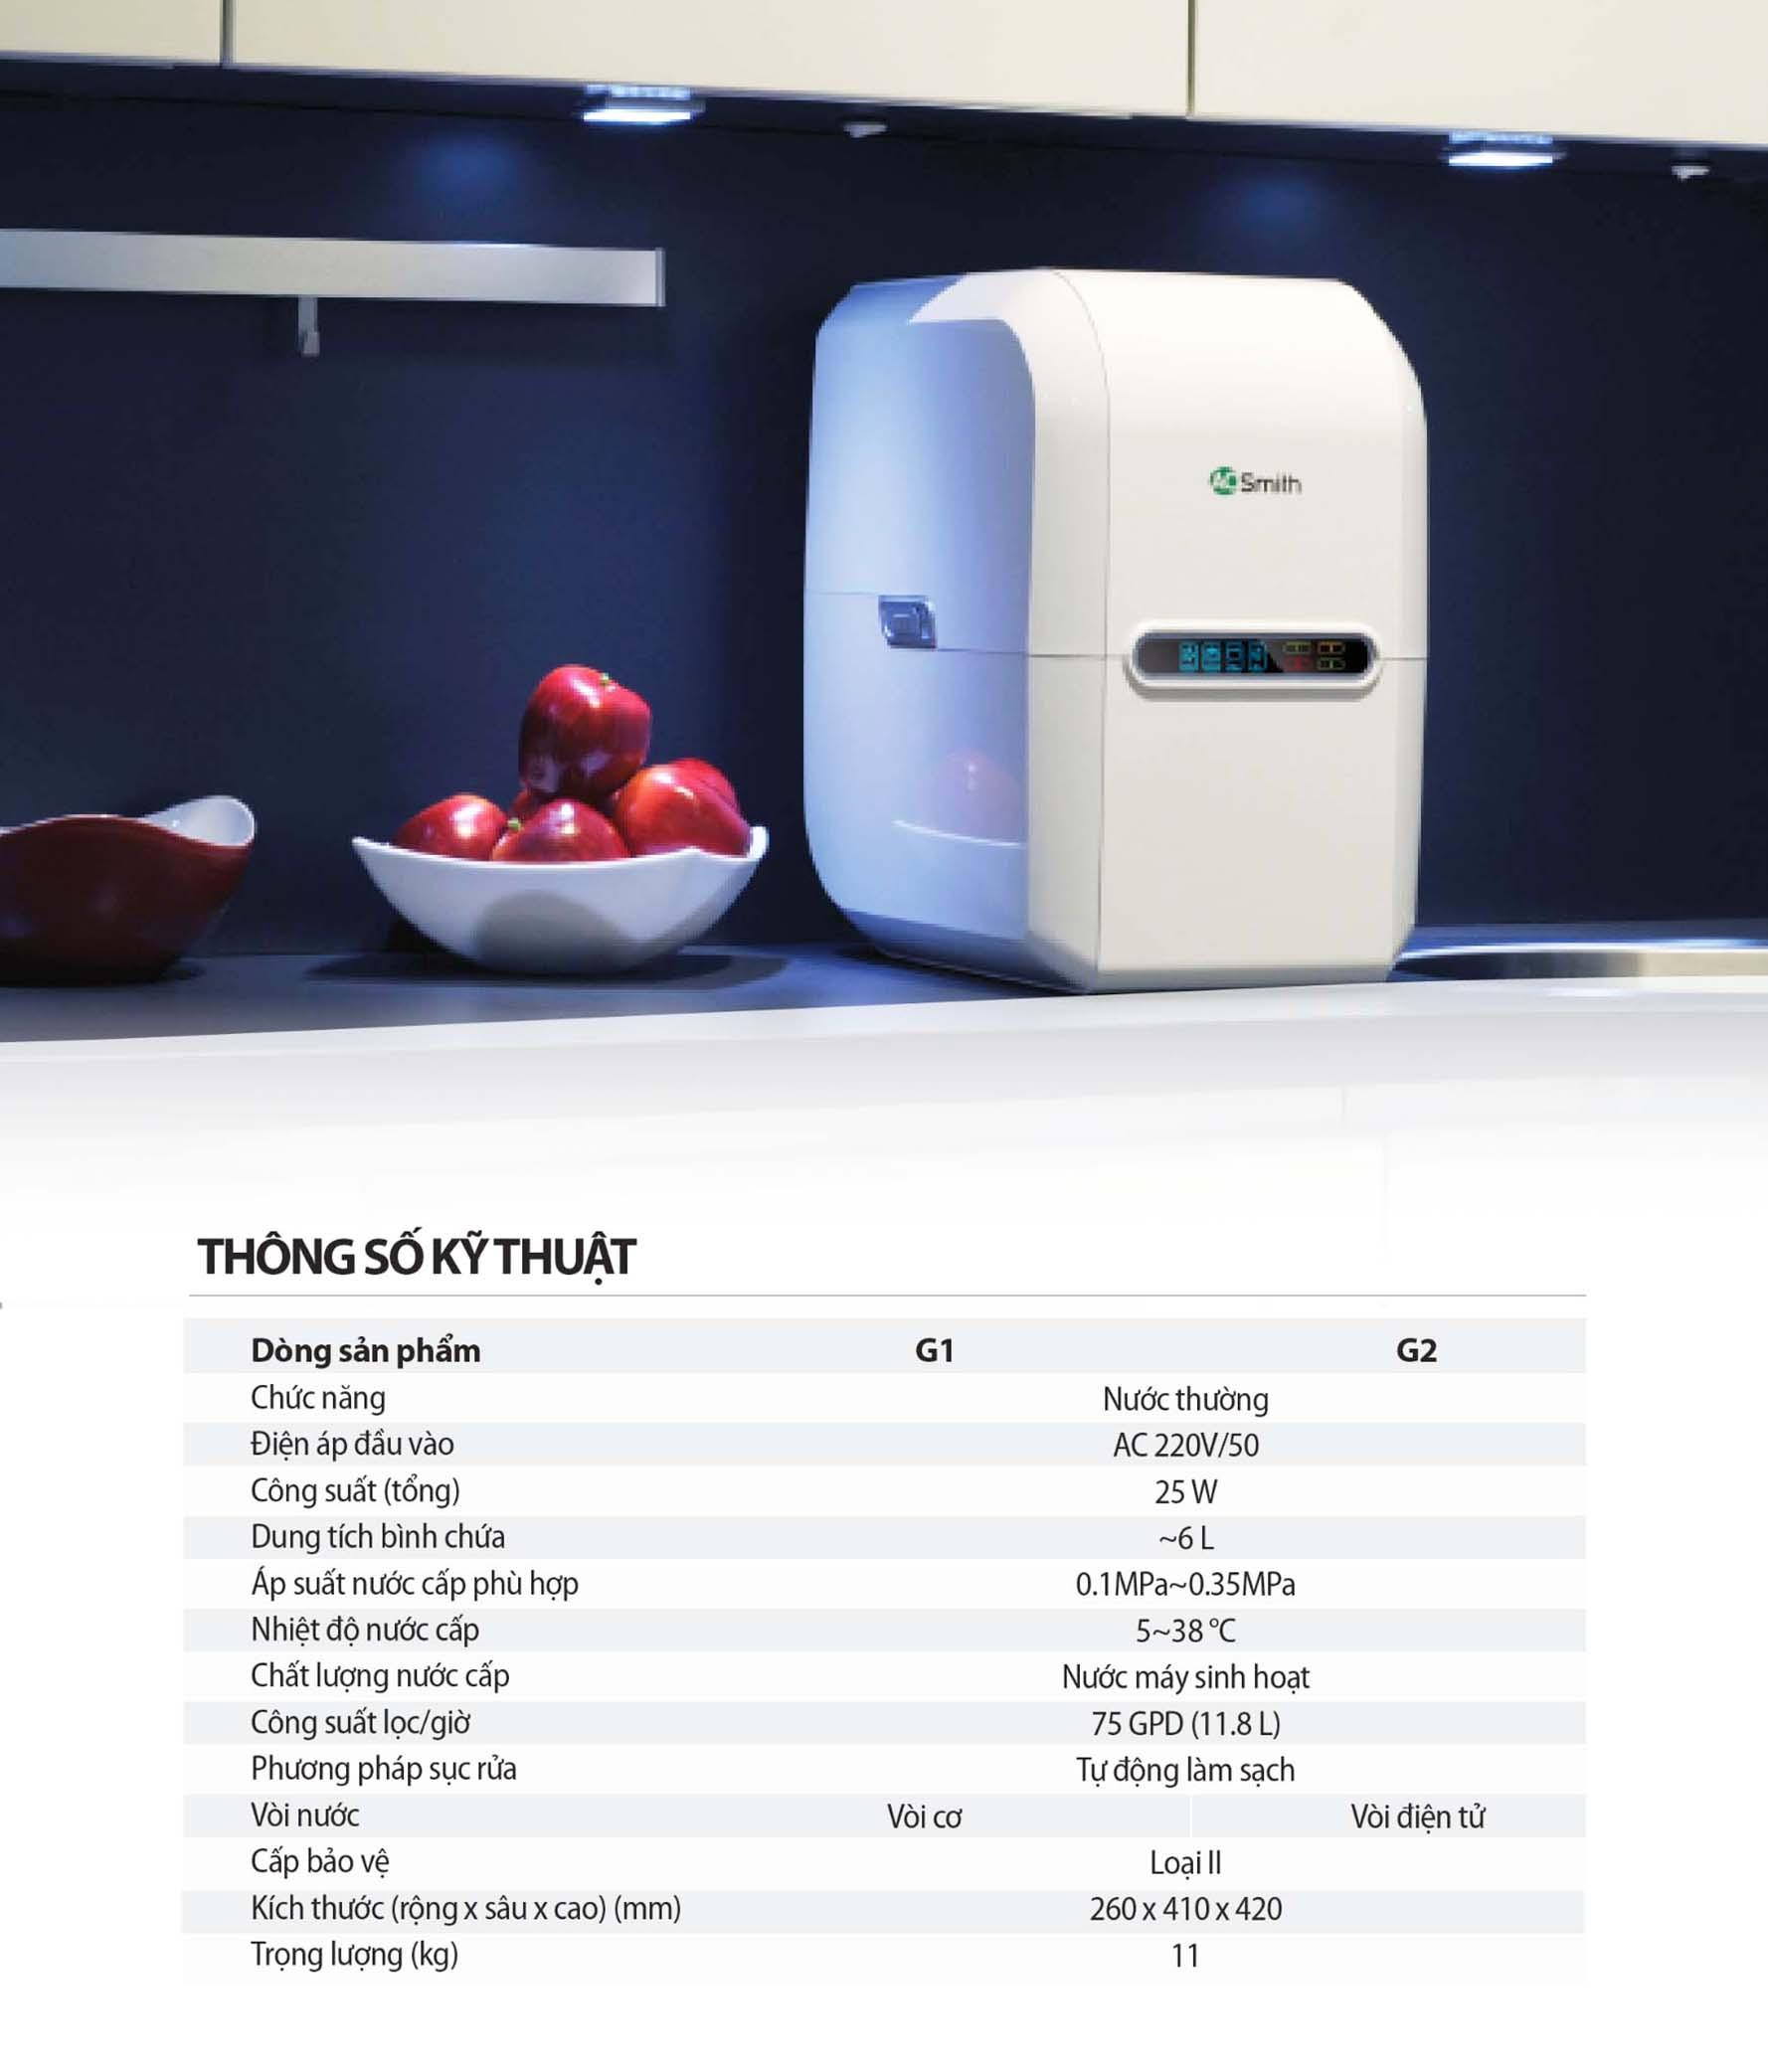 Thông số kỹ thuật máy lọc nước AOsmith G2